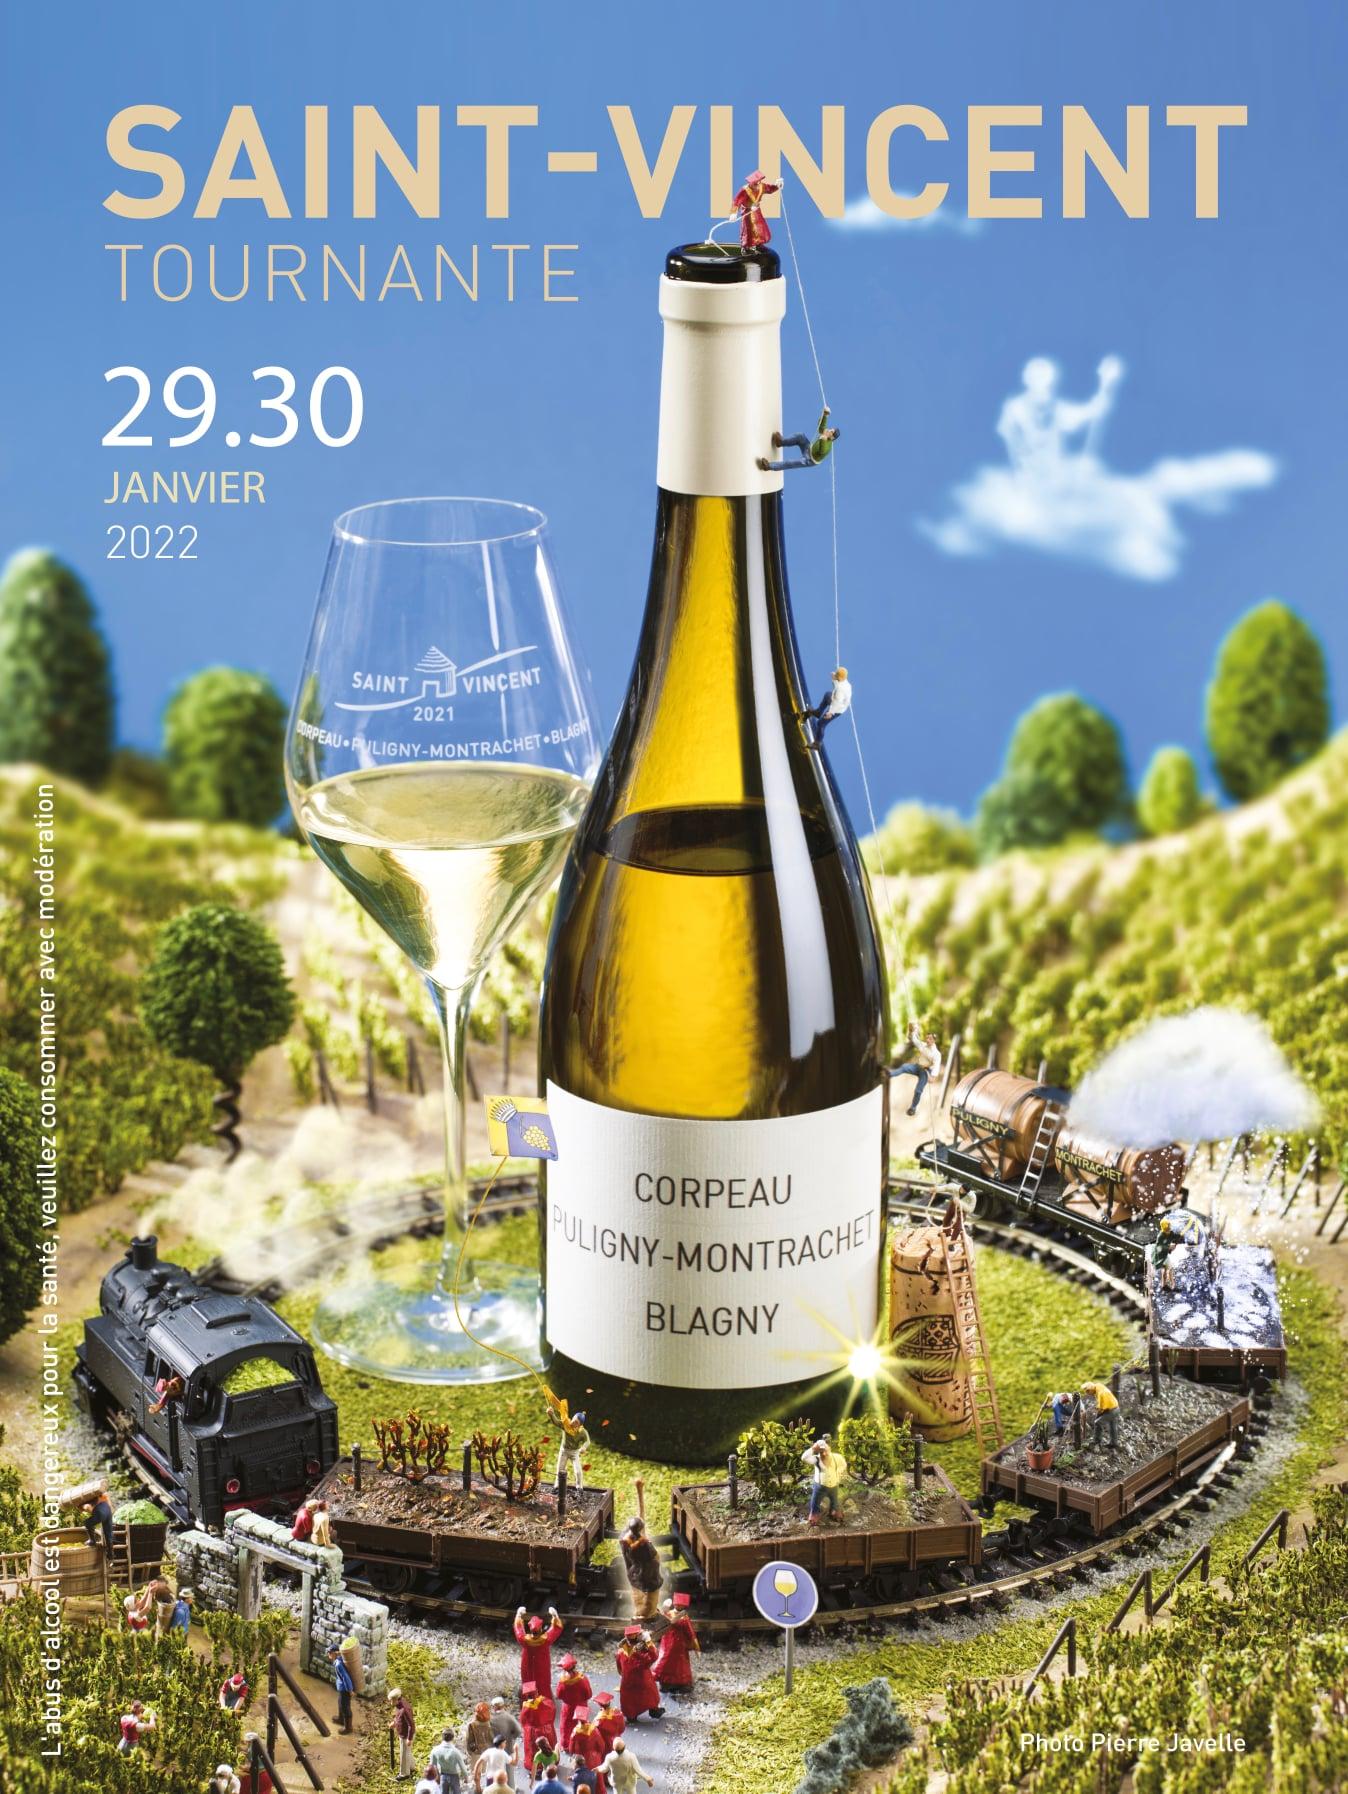 La Saint-Vincent tournante 2021 de Corpeau-Puligny-Blagny sur de bons rails